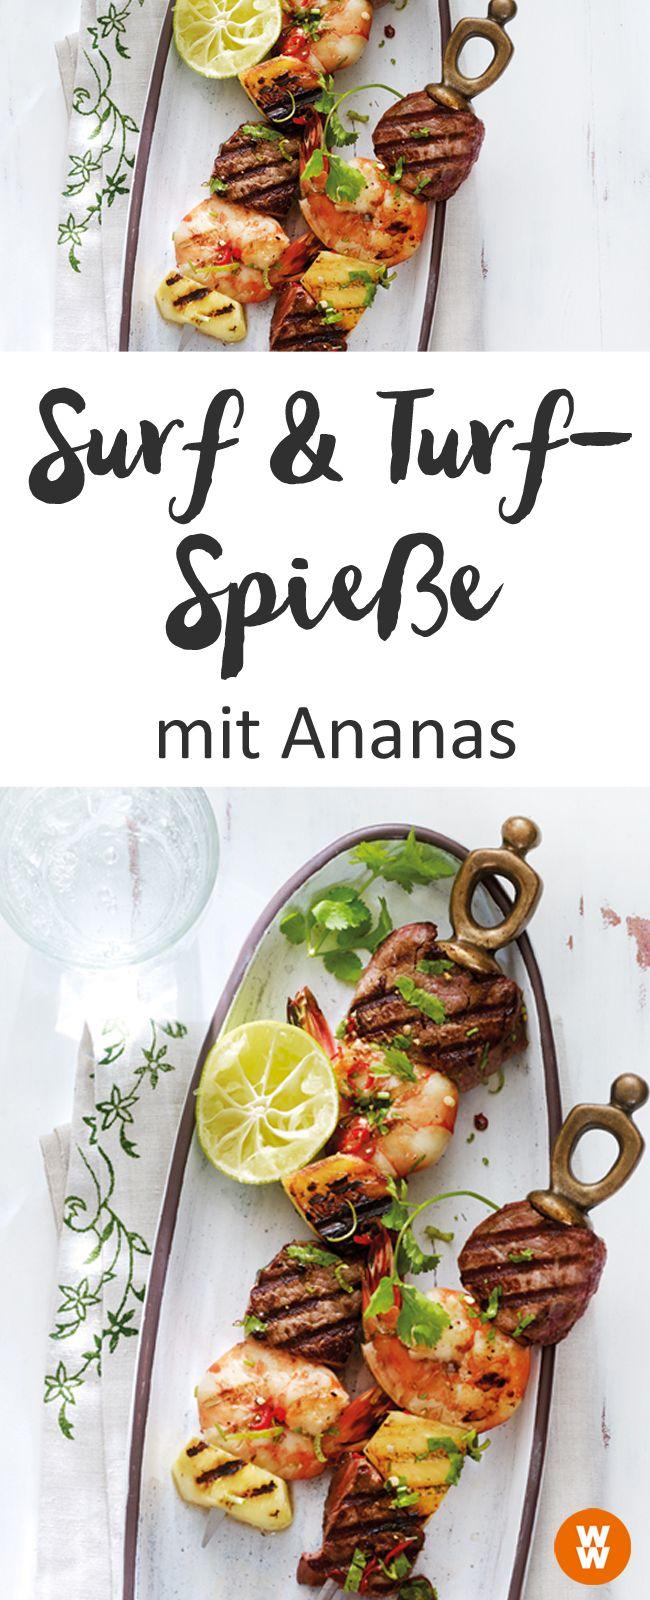 Surf and Turf-Spieße mit Ananas, Spieße, Grill, Hauptgericht, Rinderspieße | Weight Watchers